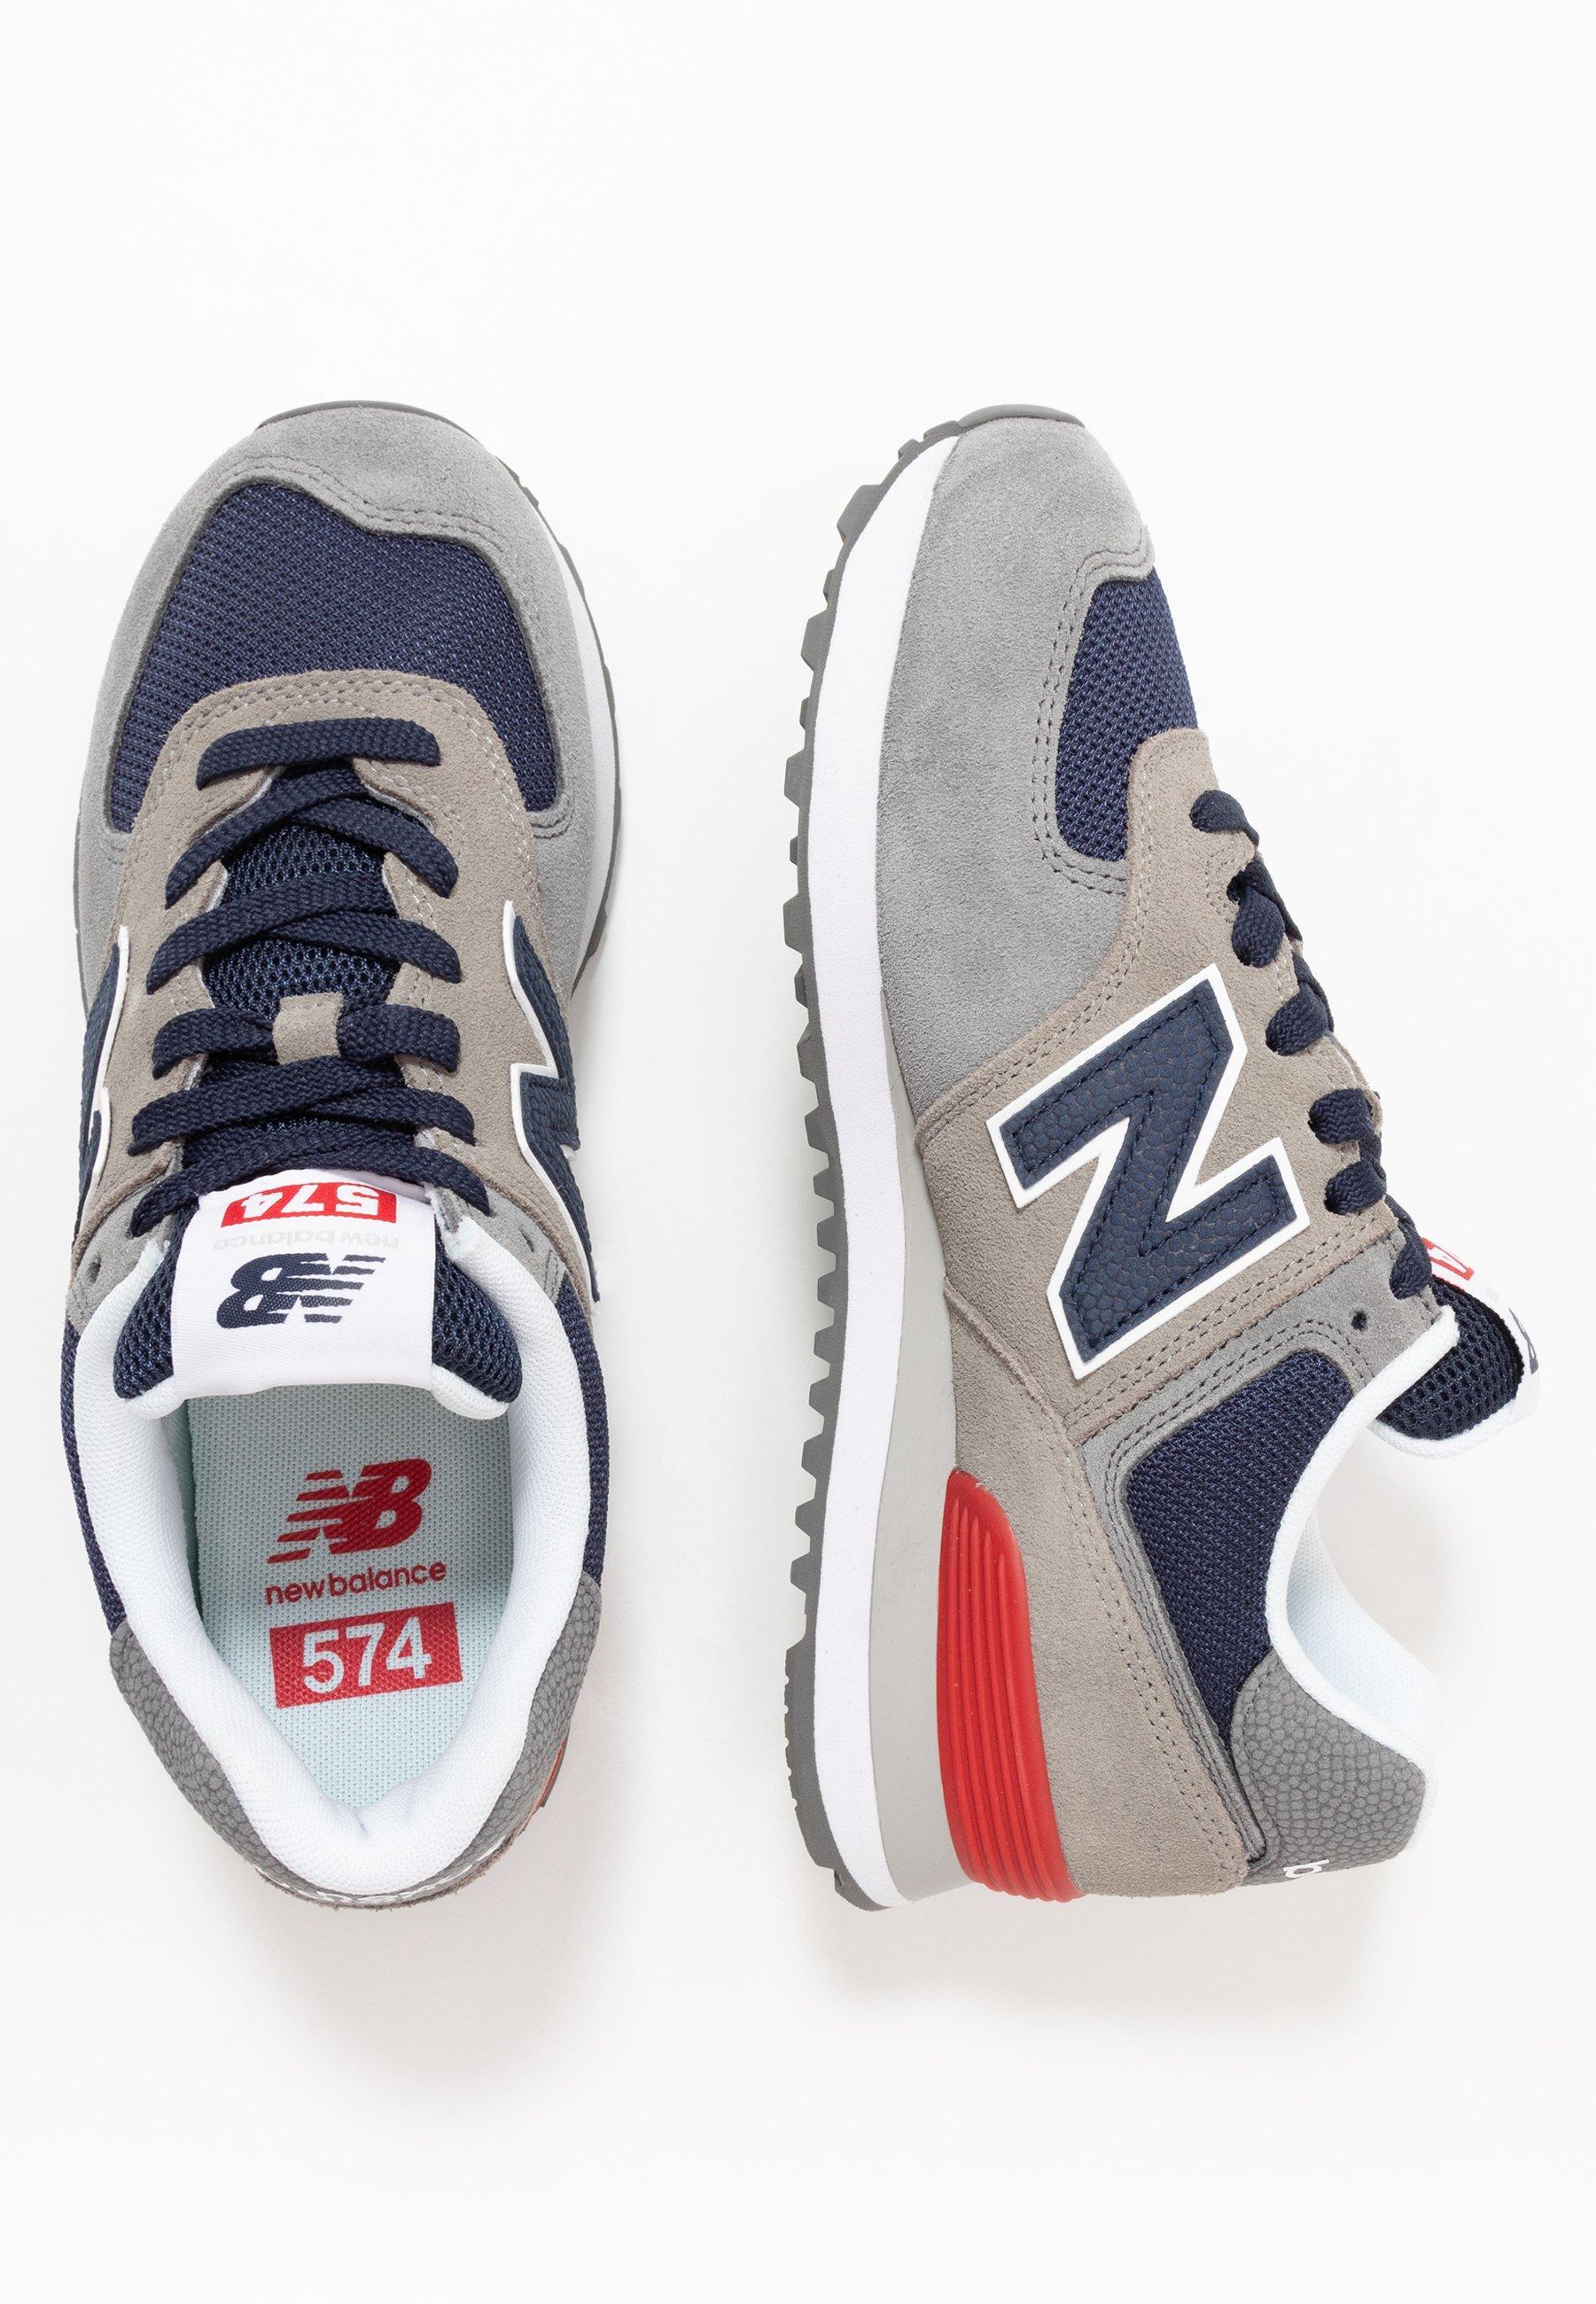 574 - Sneakers laag - marblehead pigment (ML574EAD)